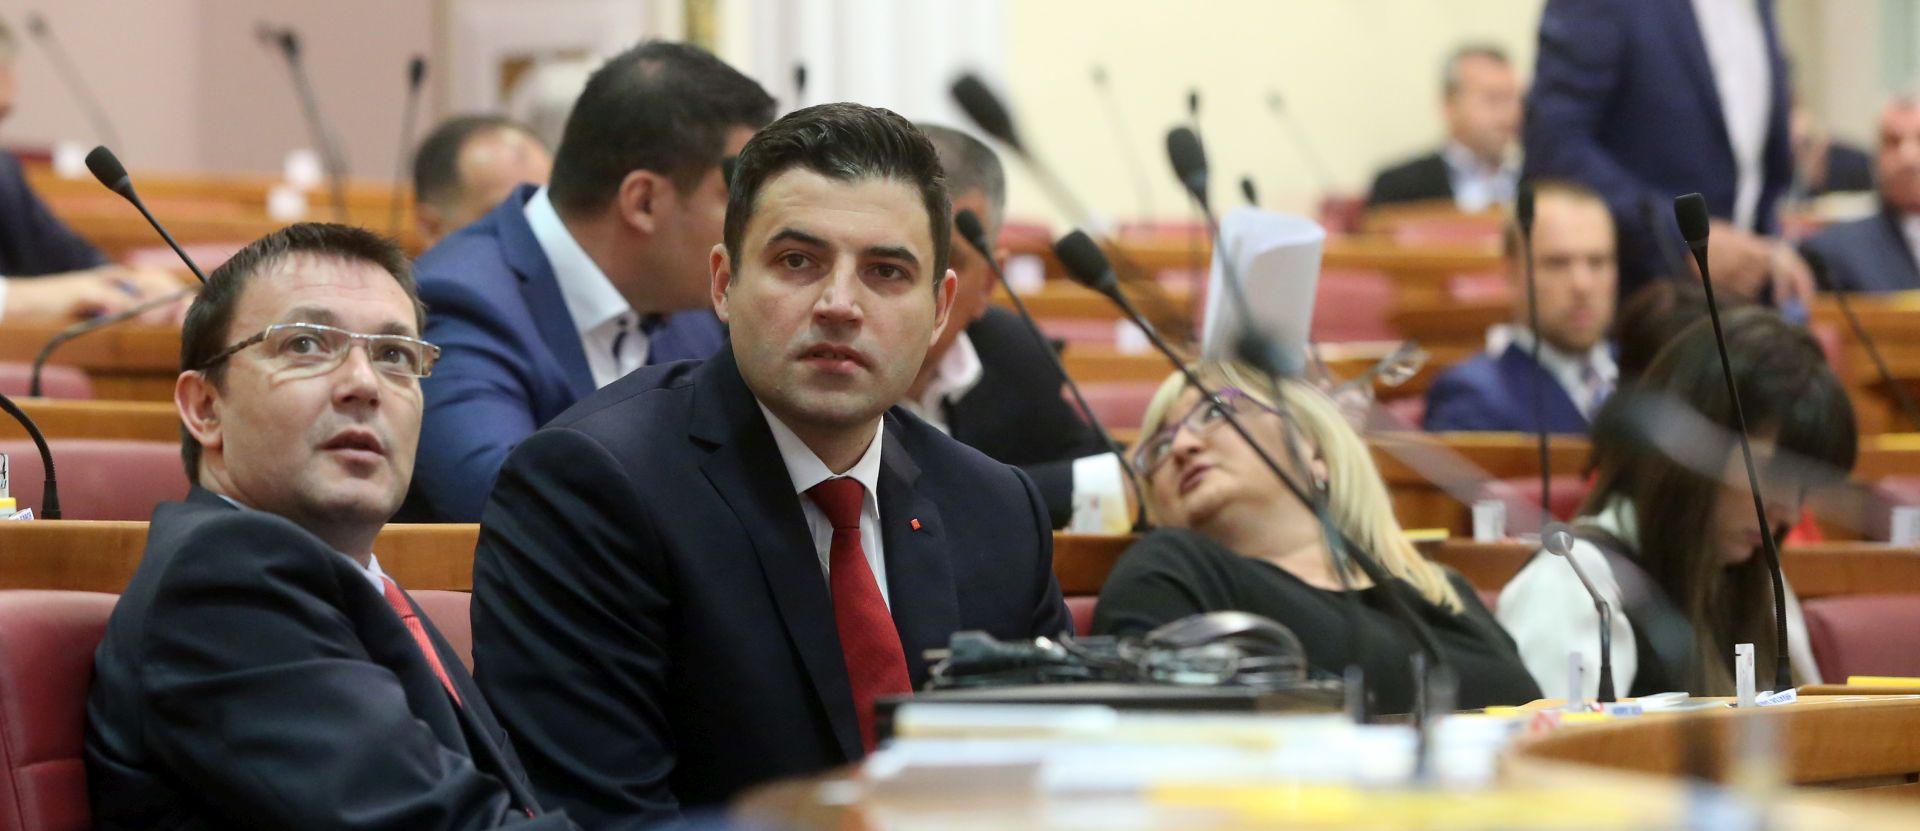 Hoće li Bernardić zamijeniti Bauka?